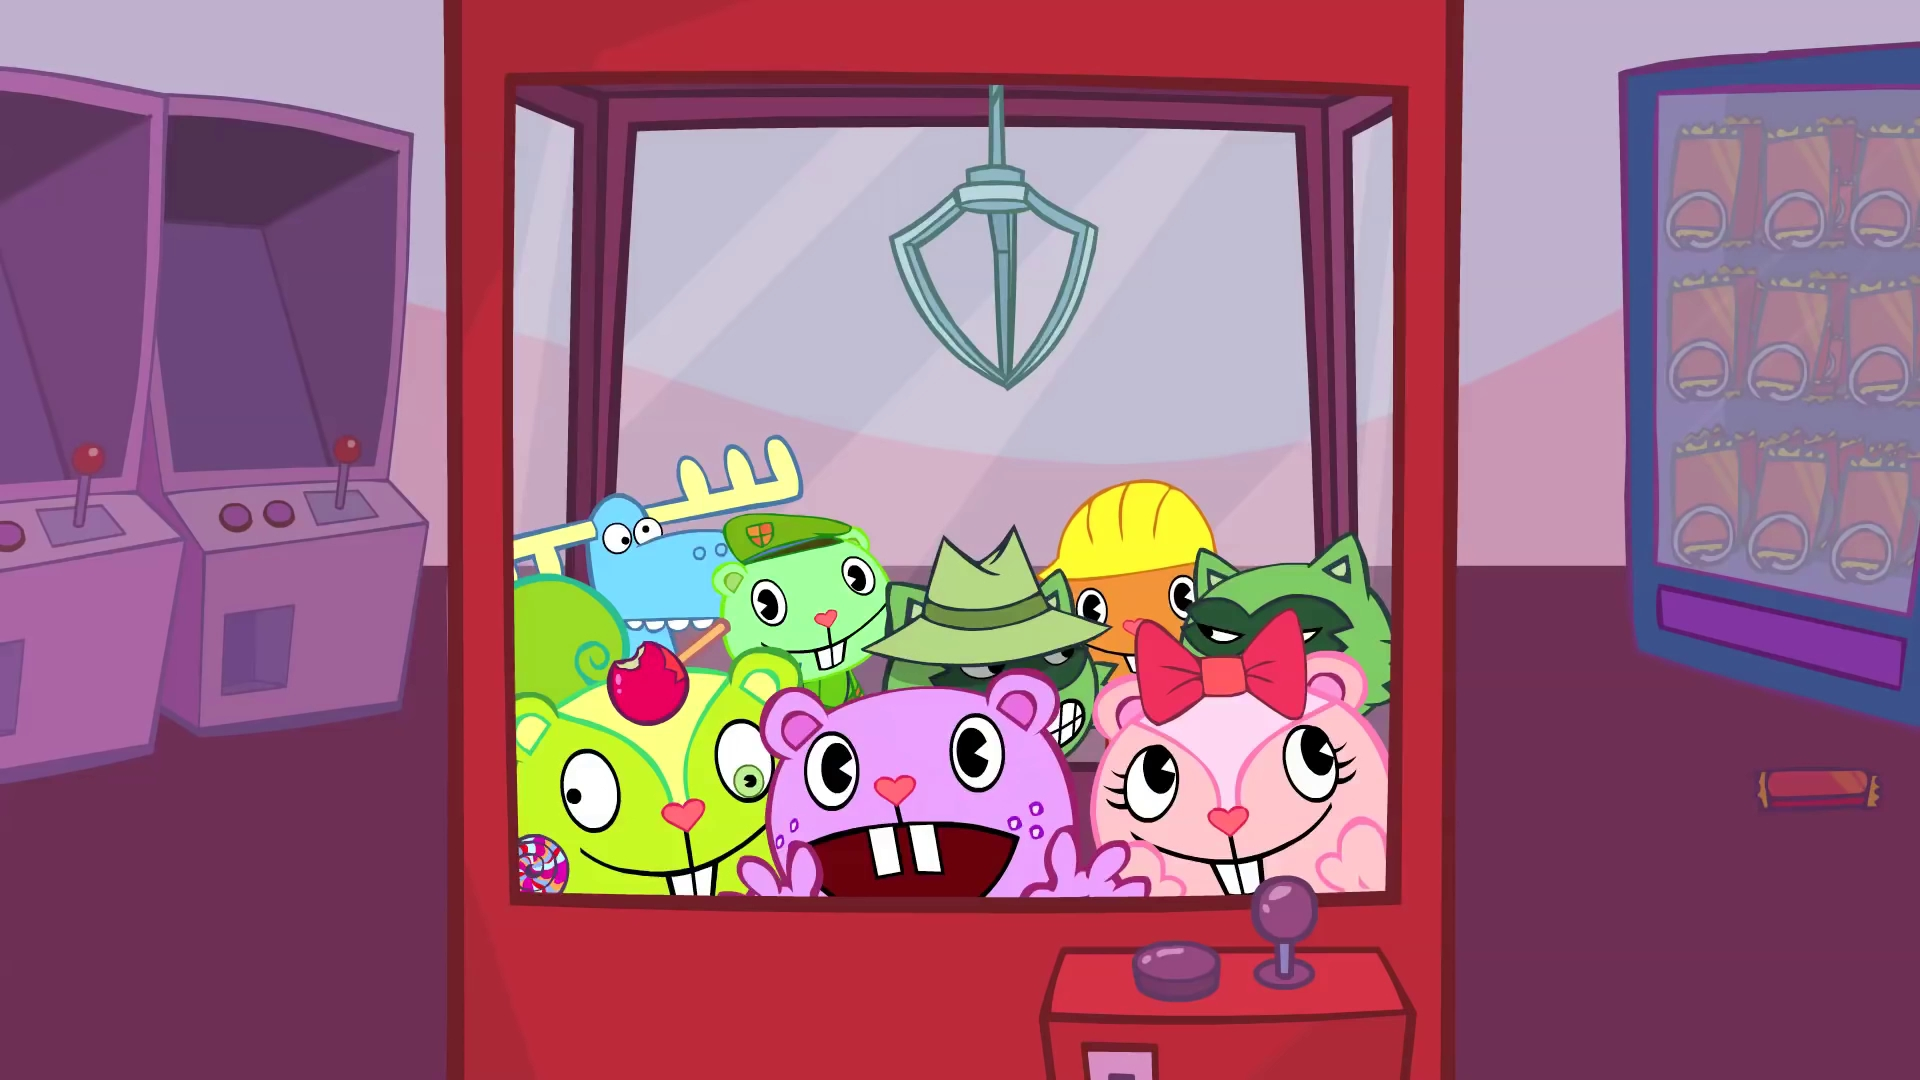 انیمیشن دوستان درختی شاد-فصل HTF Break قسمت 13- سال 2008- تمام قسمت ها در لینک زیر این ویدیو